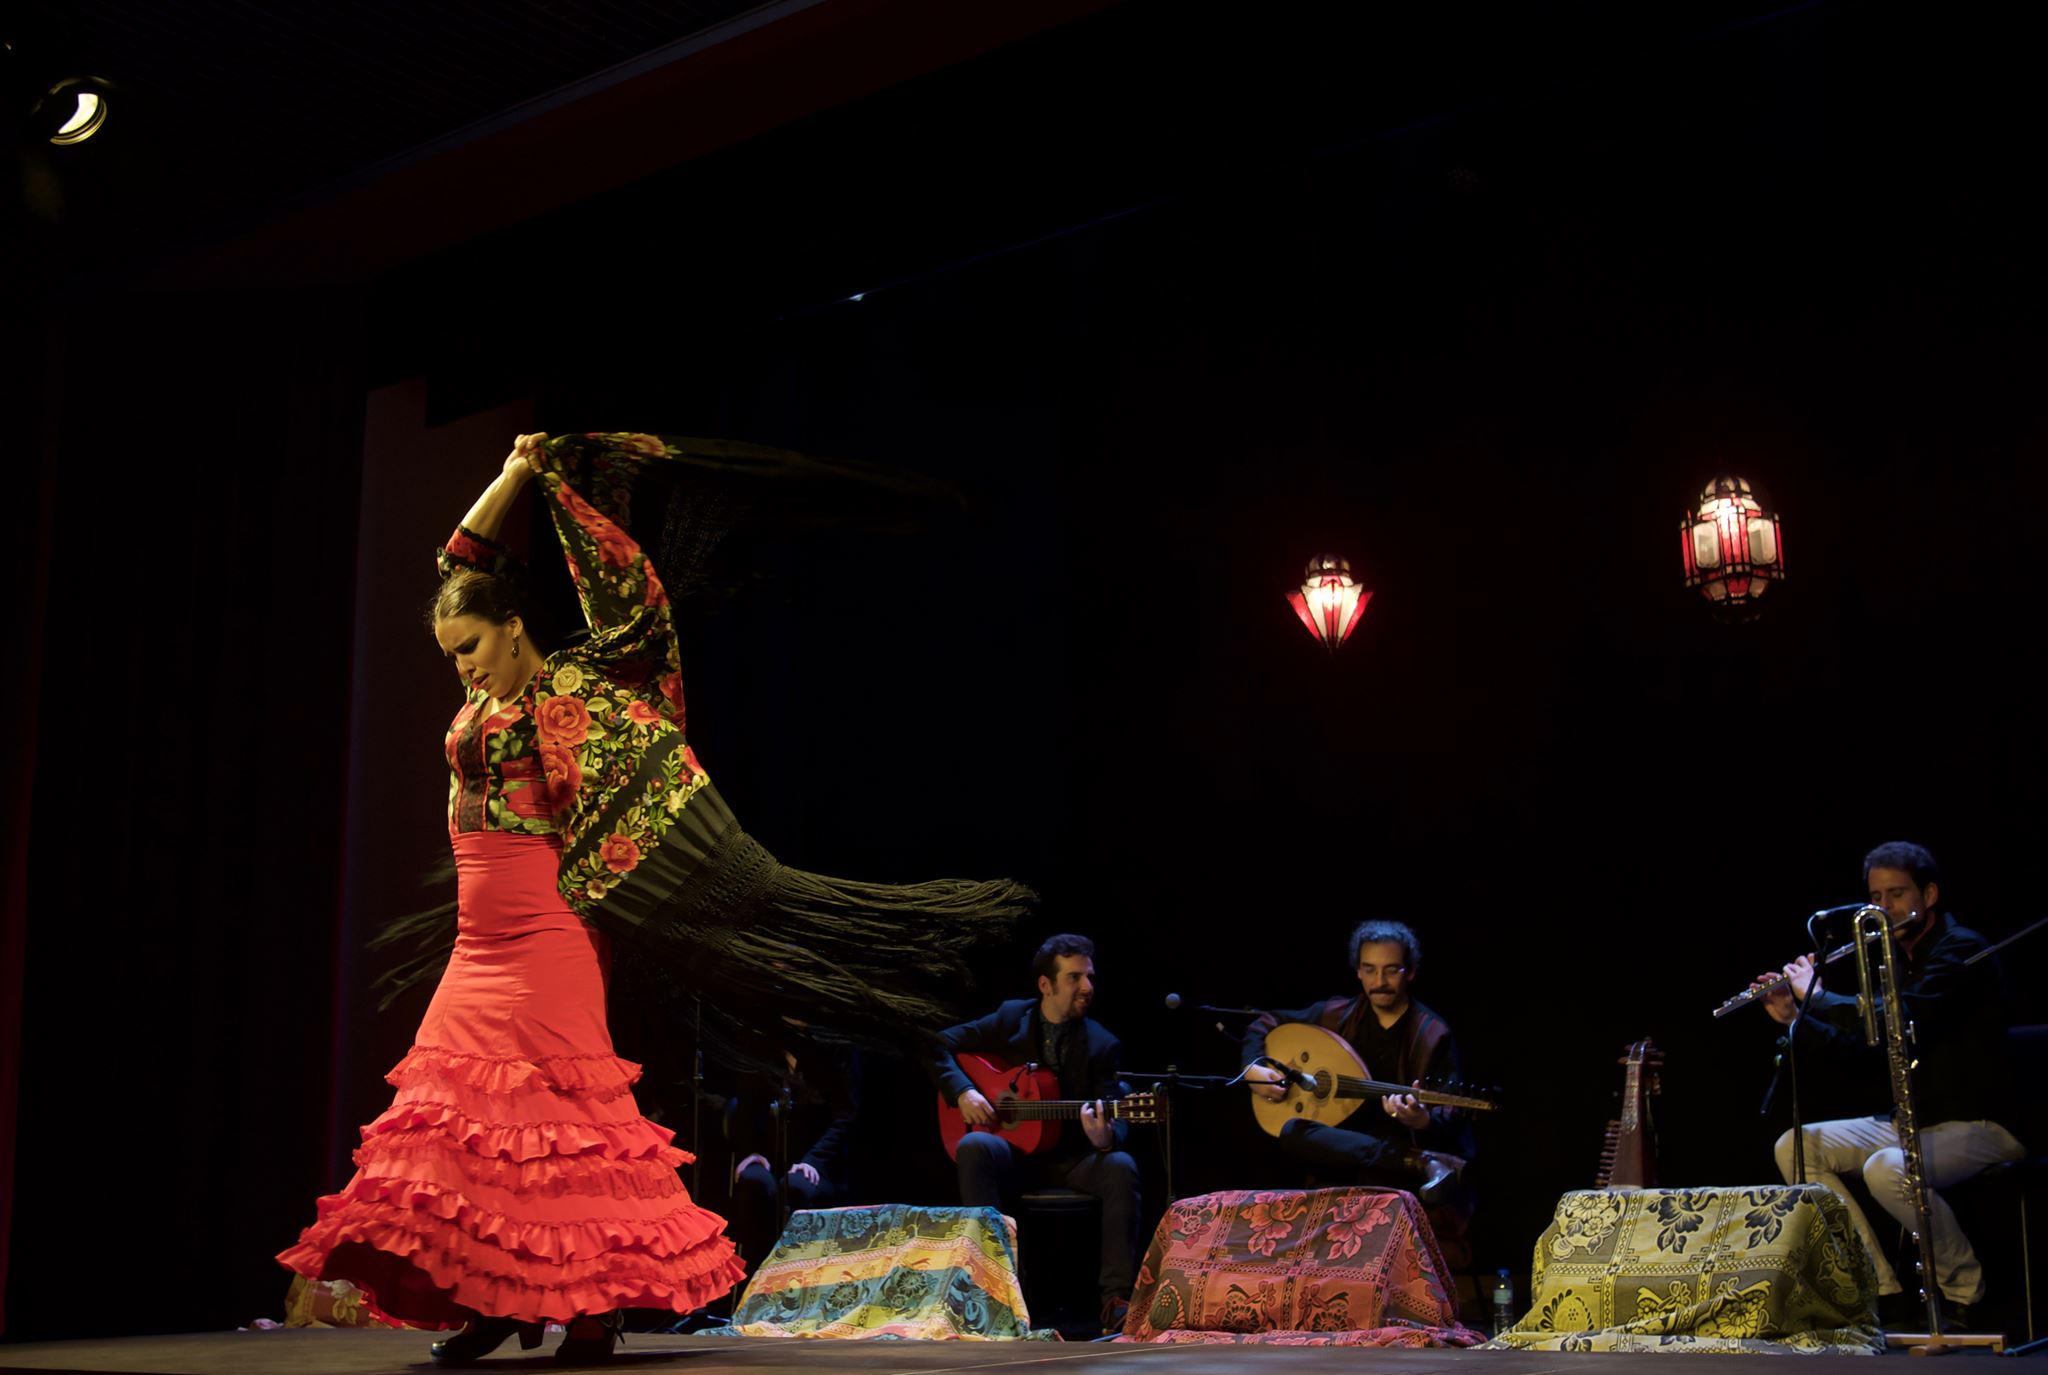 VANDALUS - XXI Festival de Música Al-Mutamid